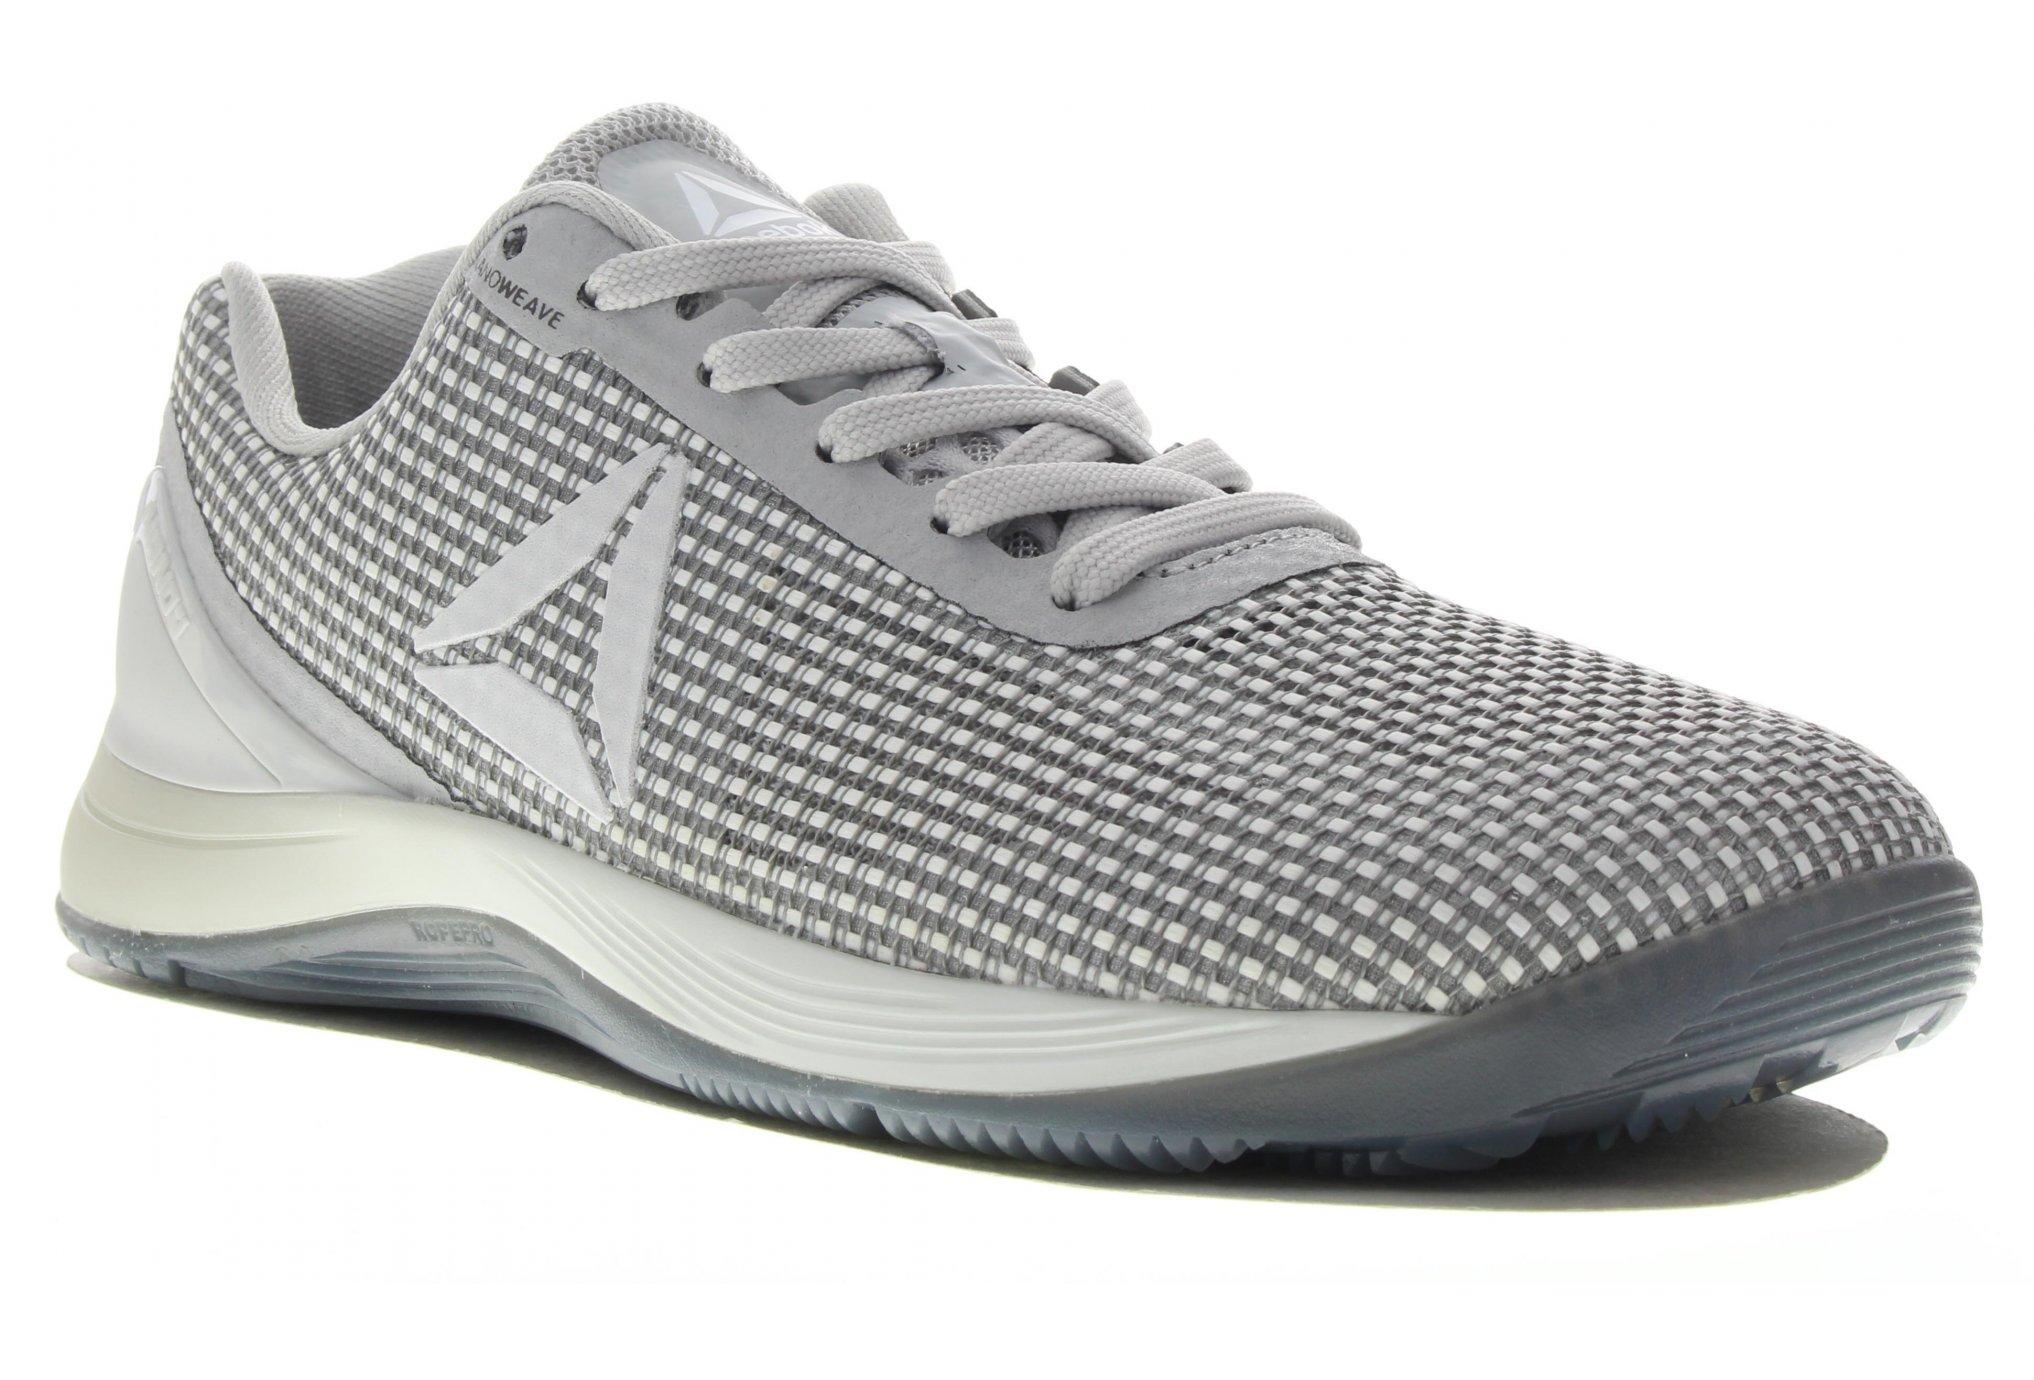 0 Session Chaussures Nano Crossfit 7 W Diététique Reebok Trail Femme 0Pk8OwXn